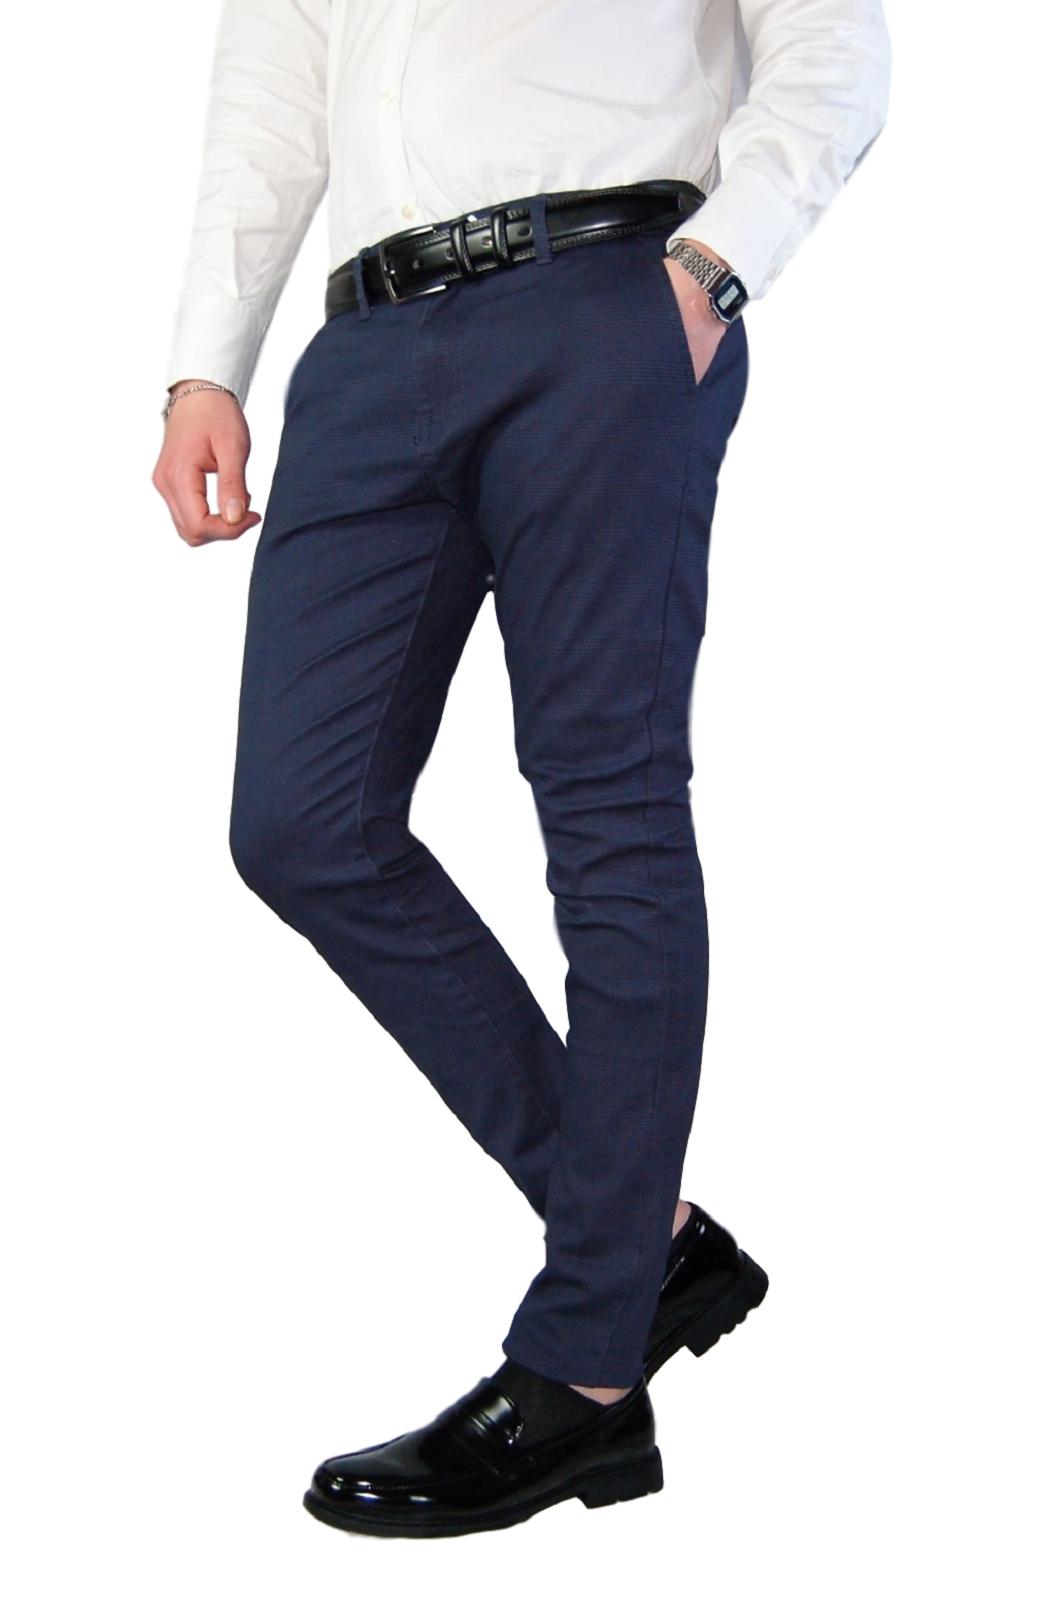 Pantalone-Uomo-Chino-Slim-Fit-Elegante-Quadri-Principe-di-Galles-Primaverile miniatura 10